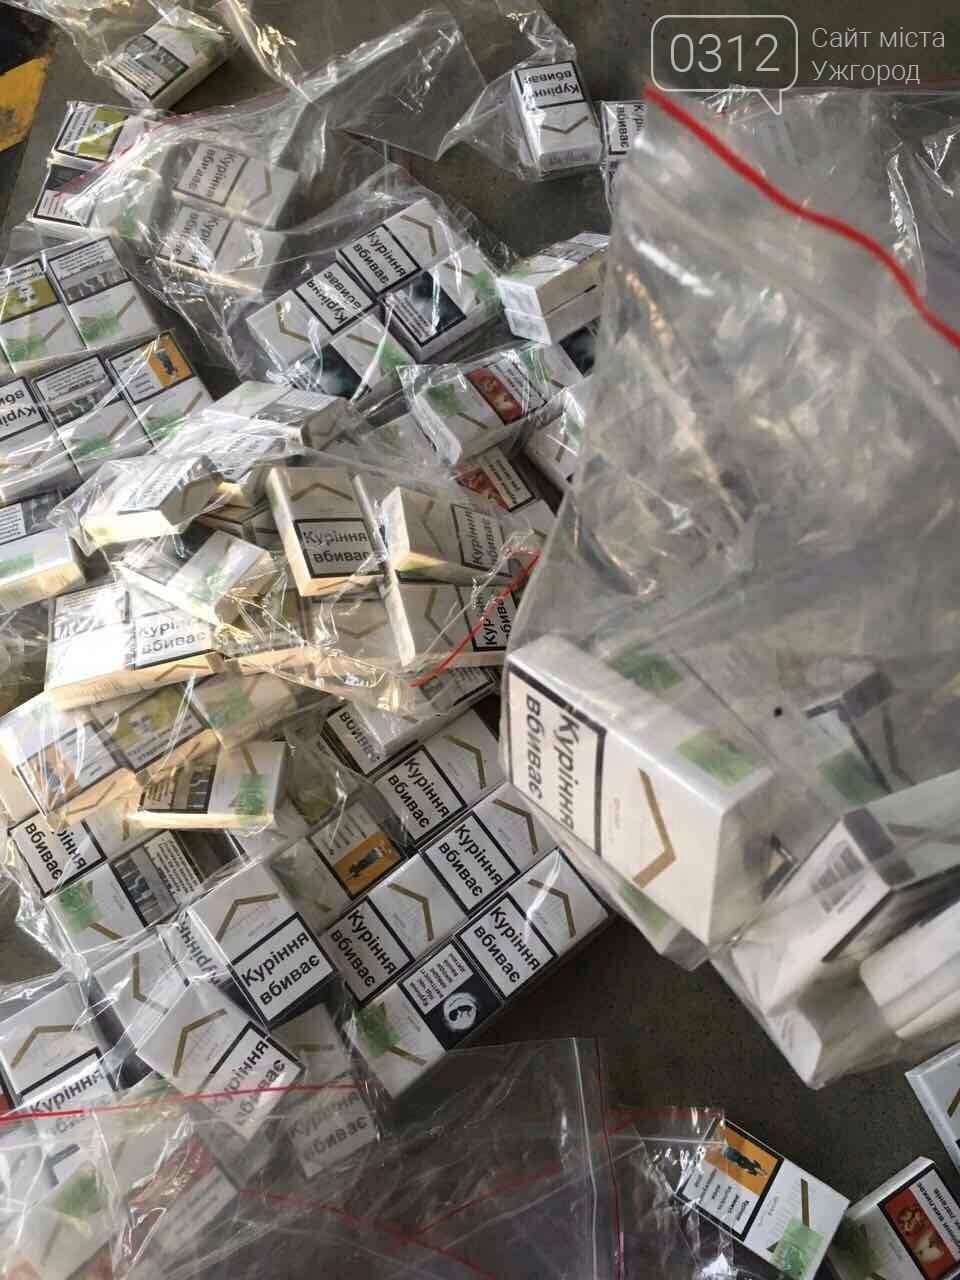 """На КПП """"Ужгород"""" через приховані  460 пачок цигарок вилучили кабріолет «Renault»: фото, фото-1"""